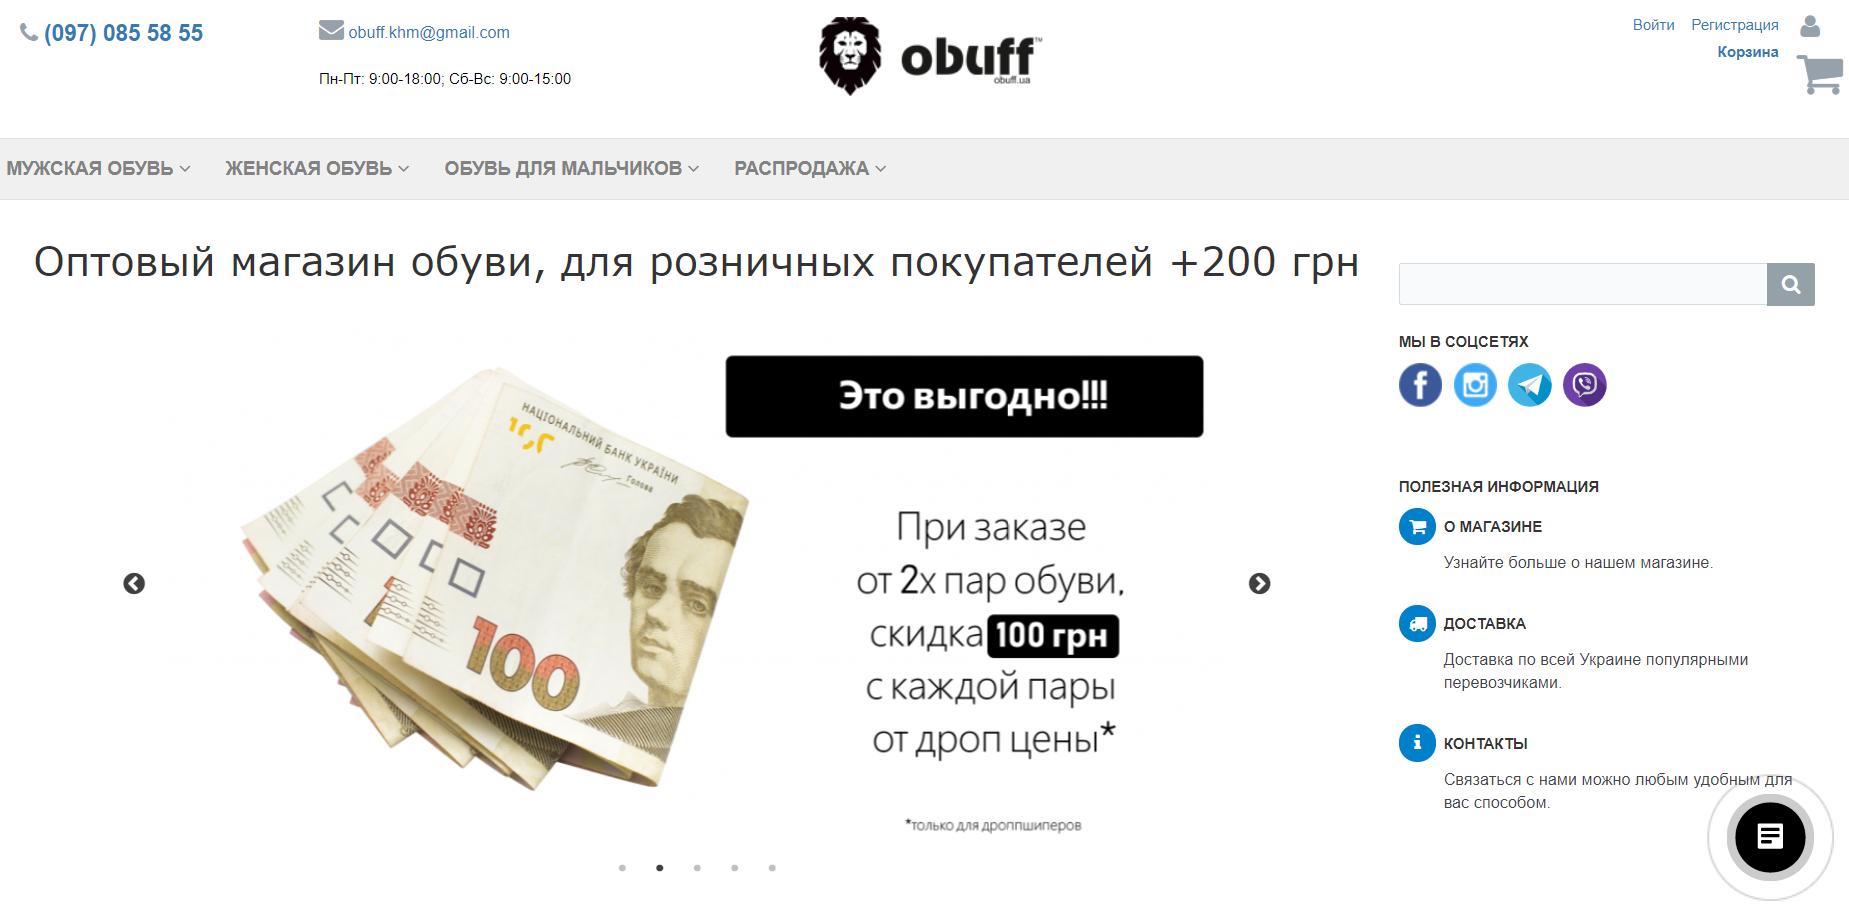 Интернет-магазин Obuff.ua